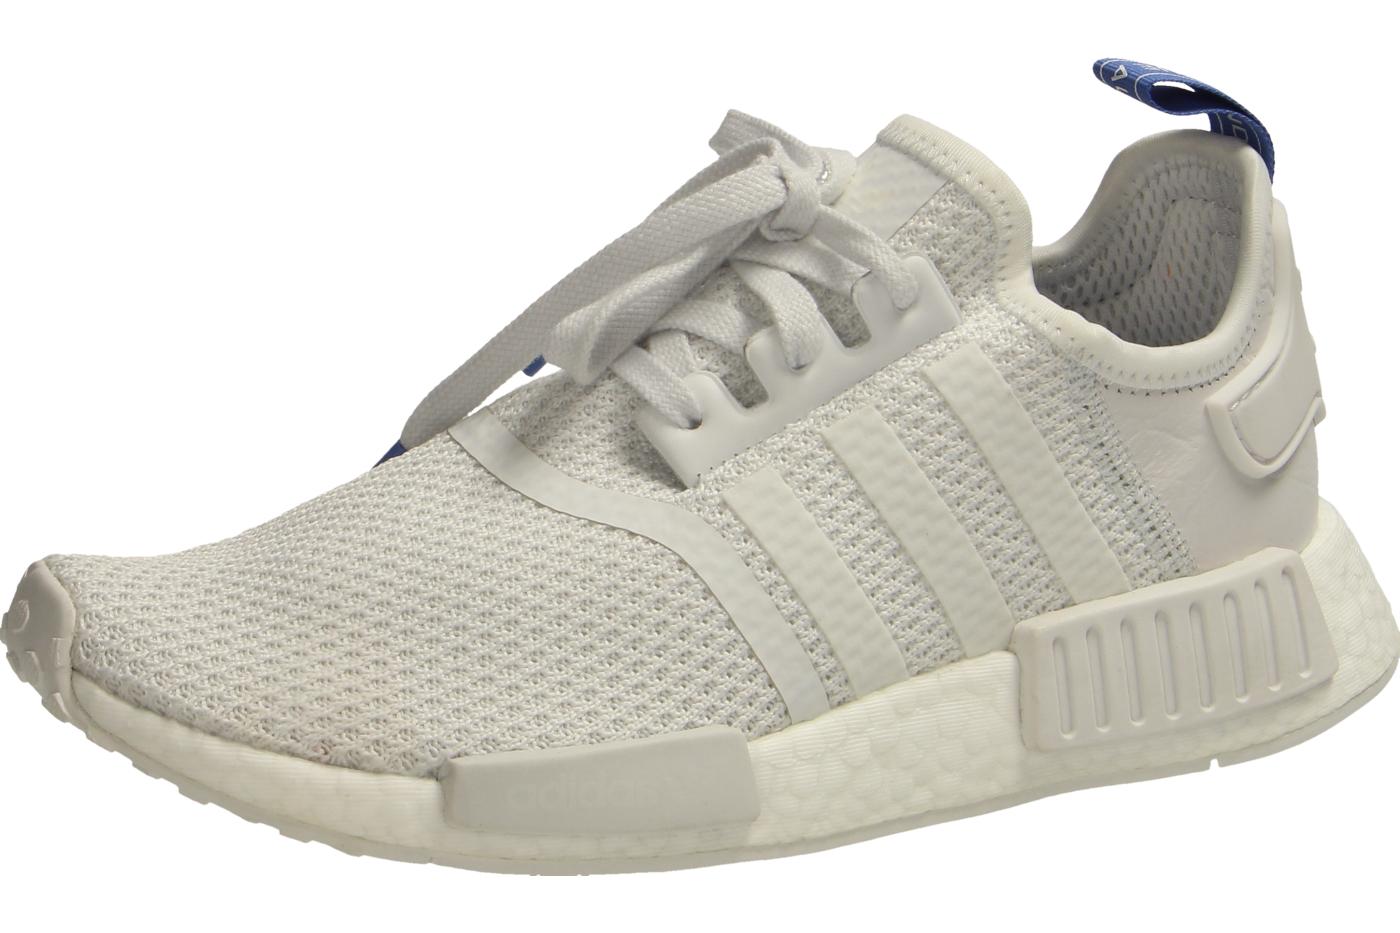 d54df18b6 schuh X- der Sneakerstore. Gegründet 2003